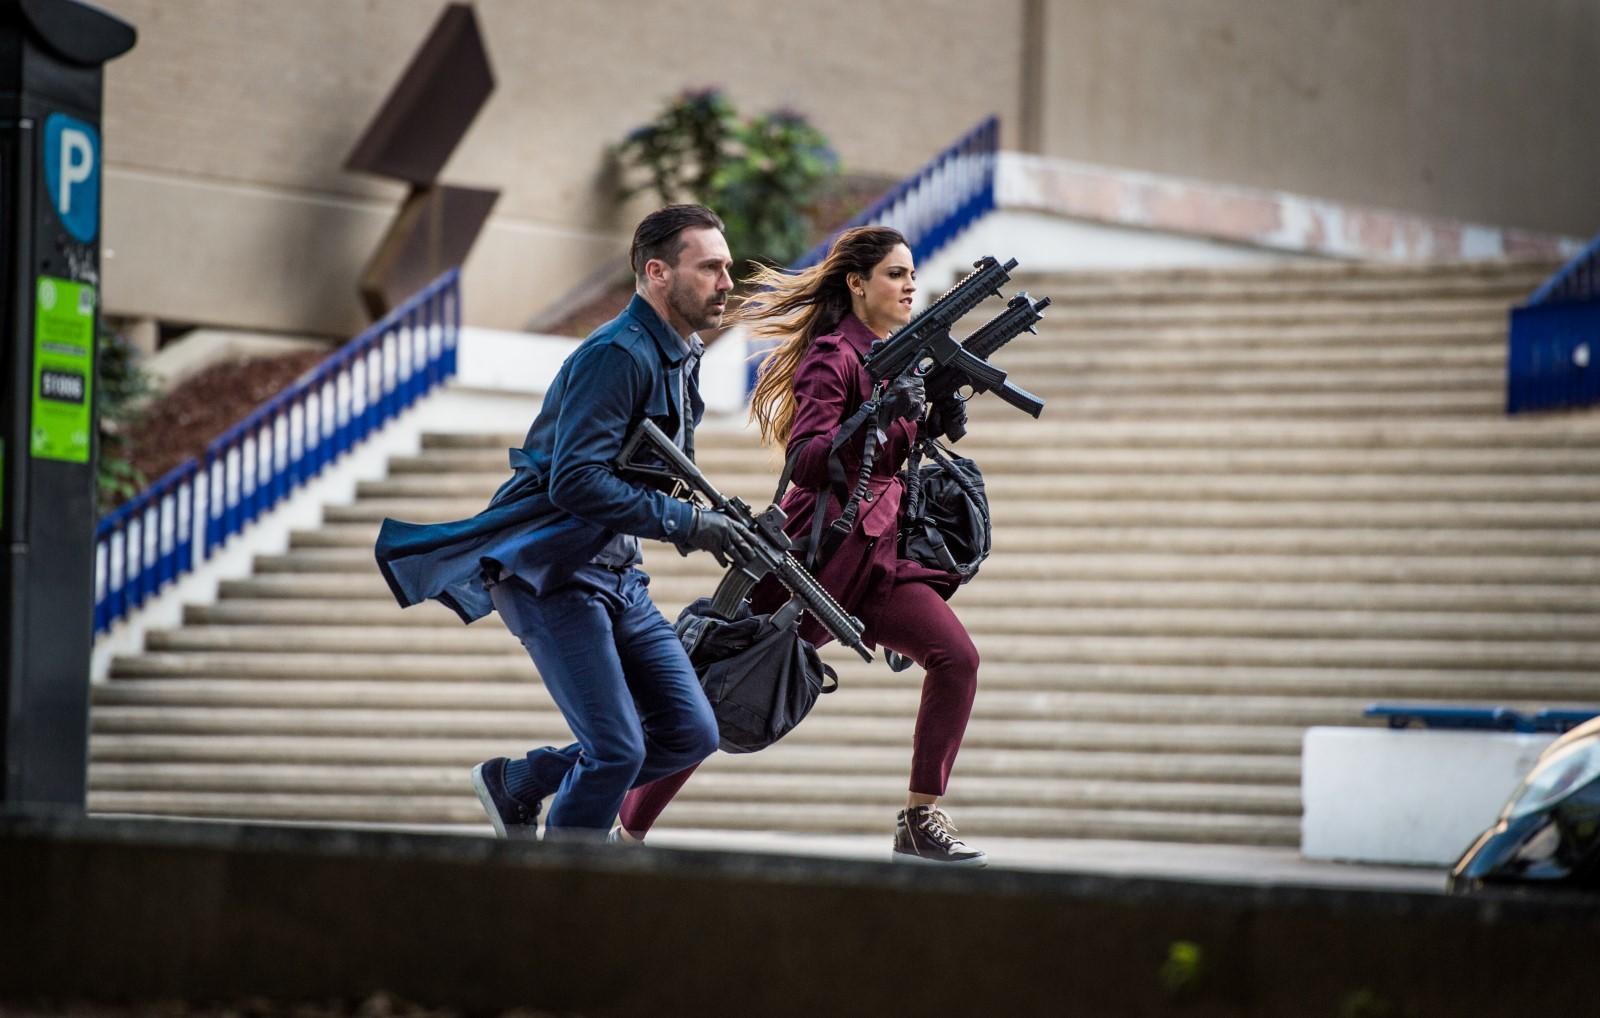 Tam Gaz Filmini Kotasız indir Ekran Görüntüsü 1